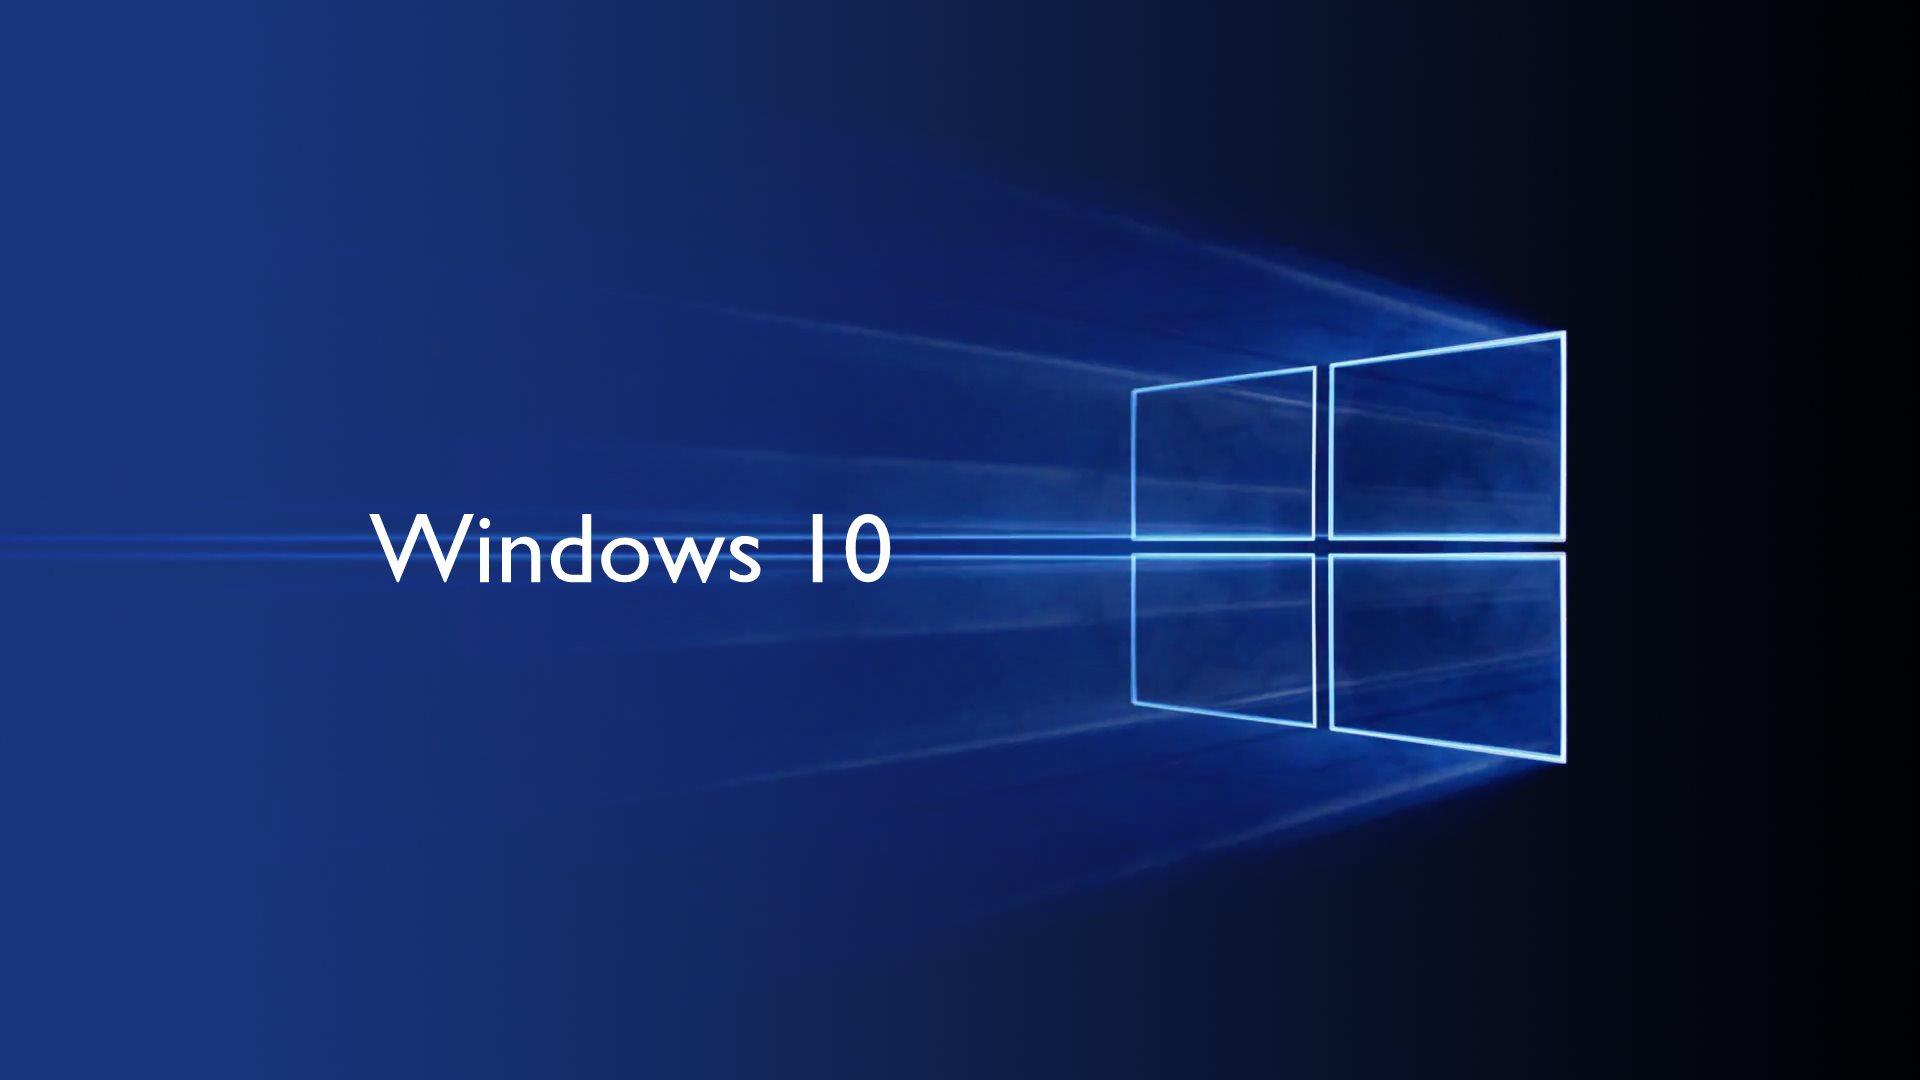 windows 10 settings won't open